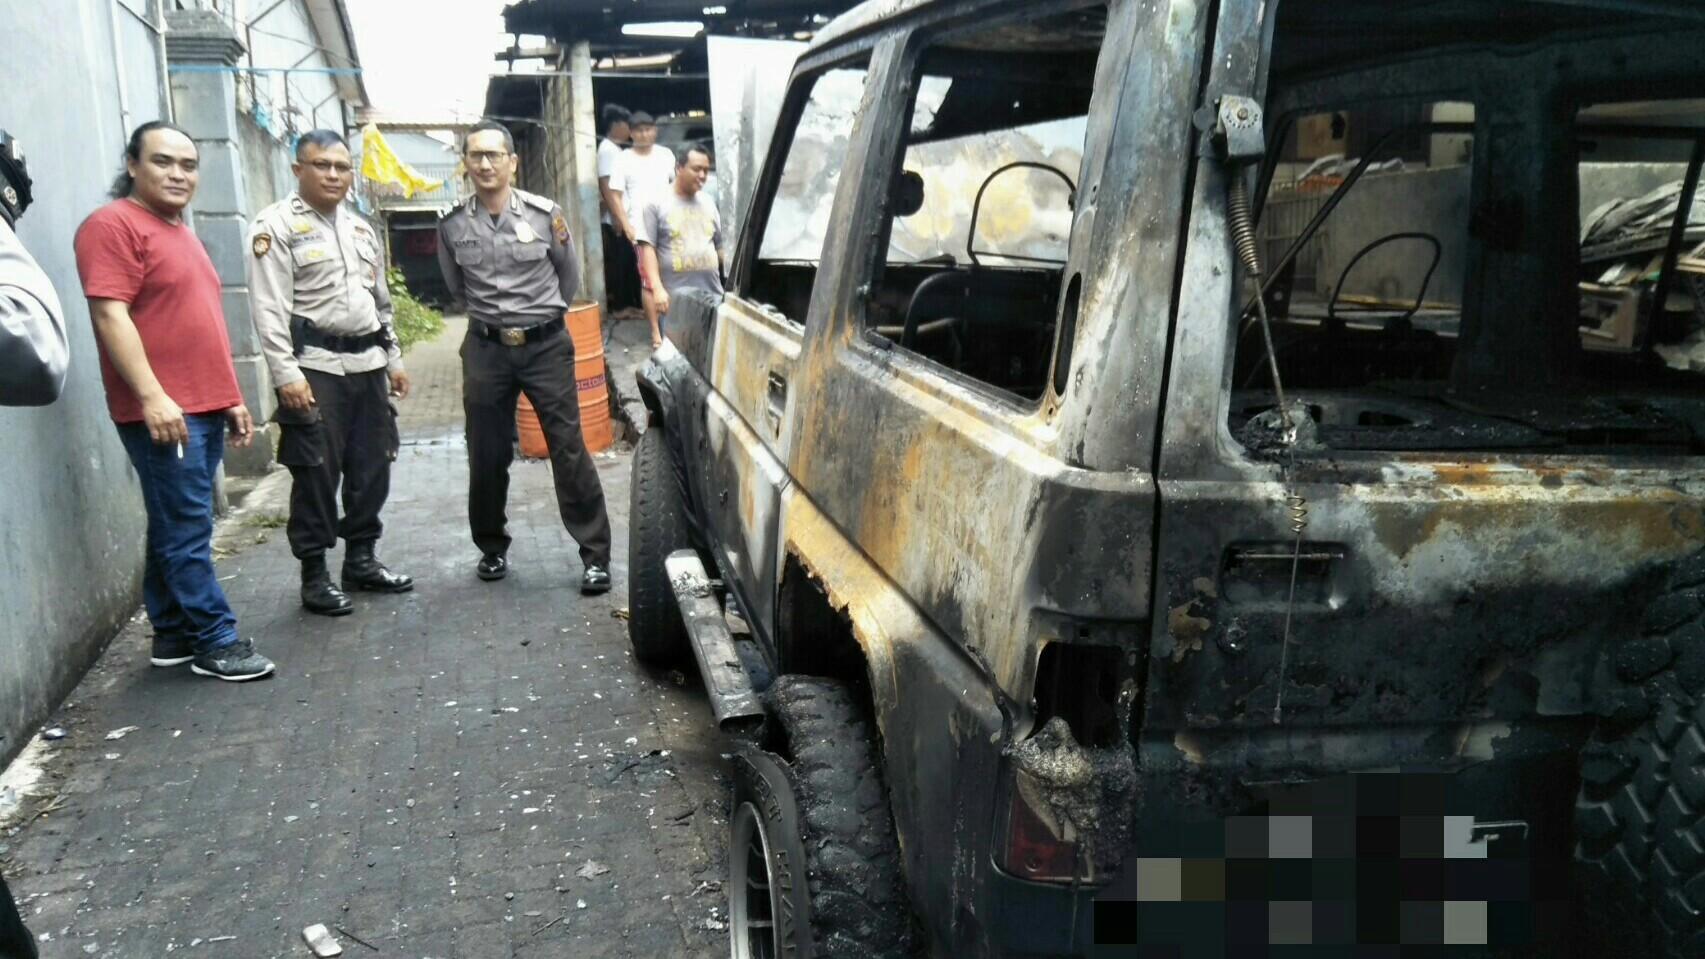 Kebakaran di Sekitar Pasar Beriman, 2 Unit Mobil Diterjang Jago Merah